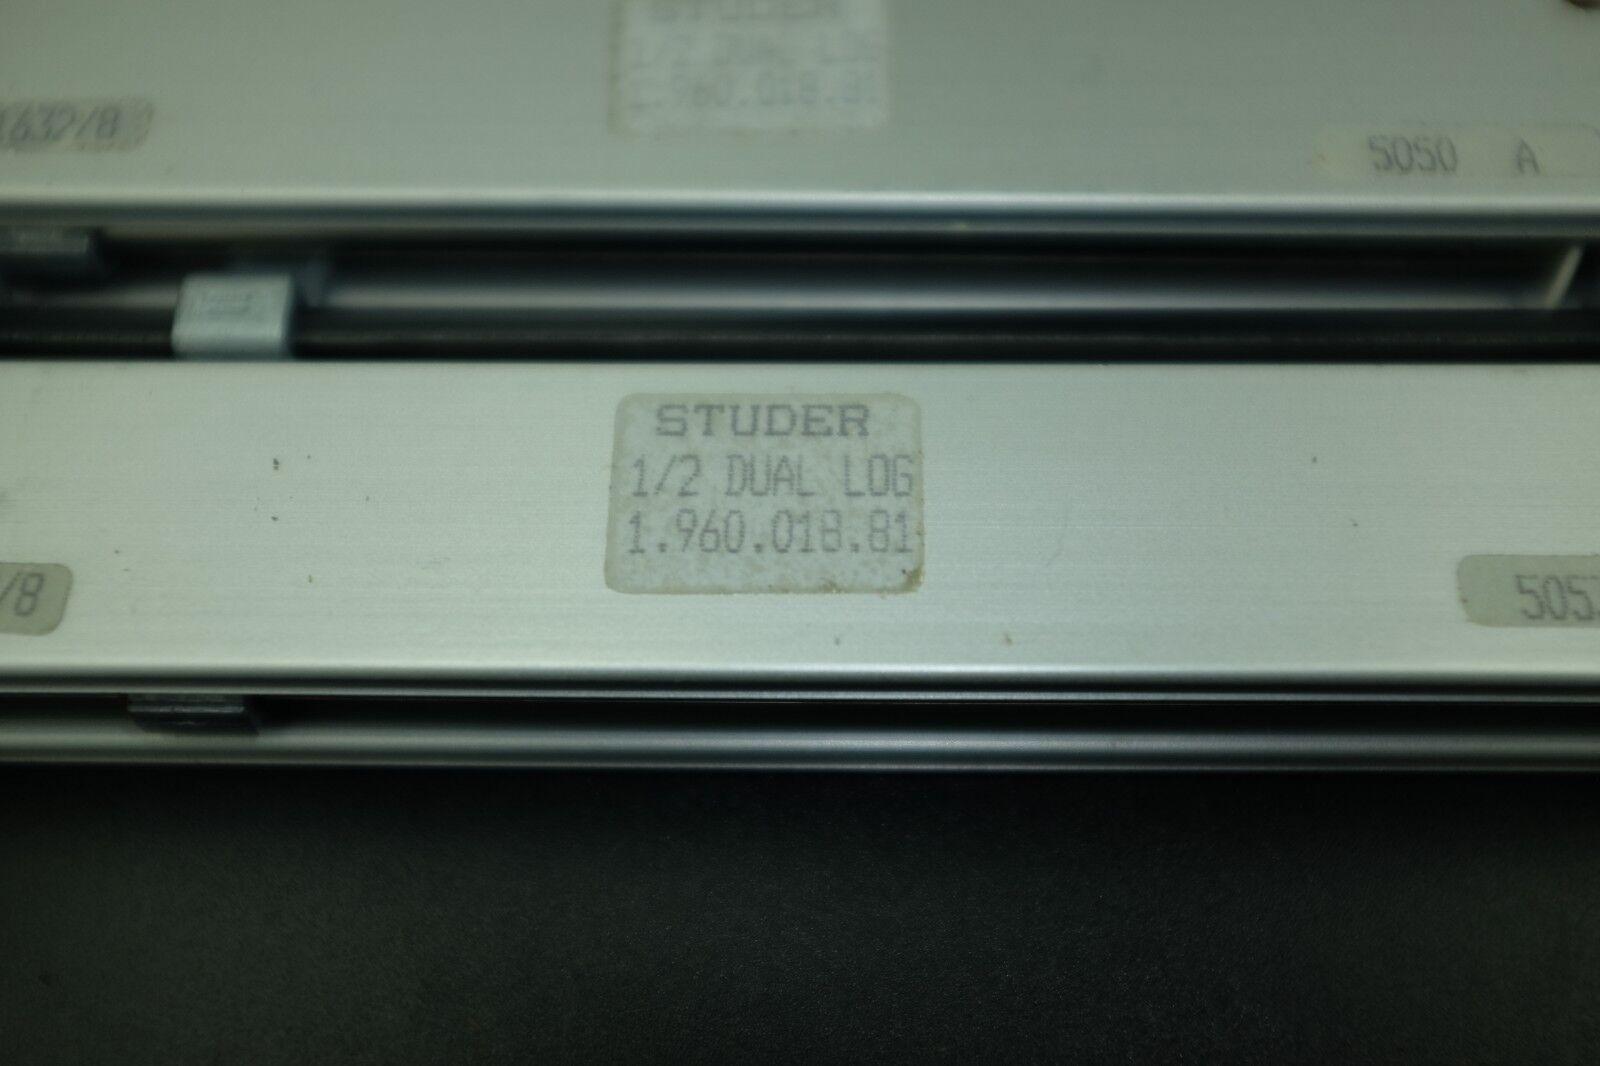 STUDER 1.960.018.81 STUDER 1 2 Dual Fader de registro utilizado utilizado utilizado Rara Vintage A900  ahorre 60% de descuento